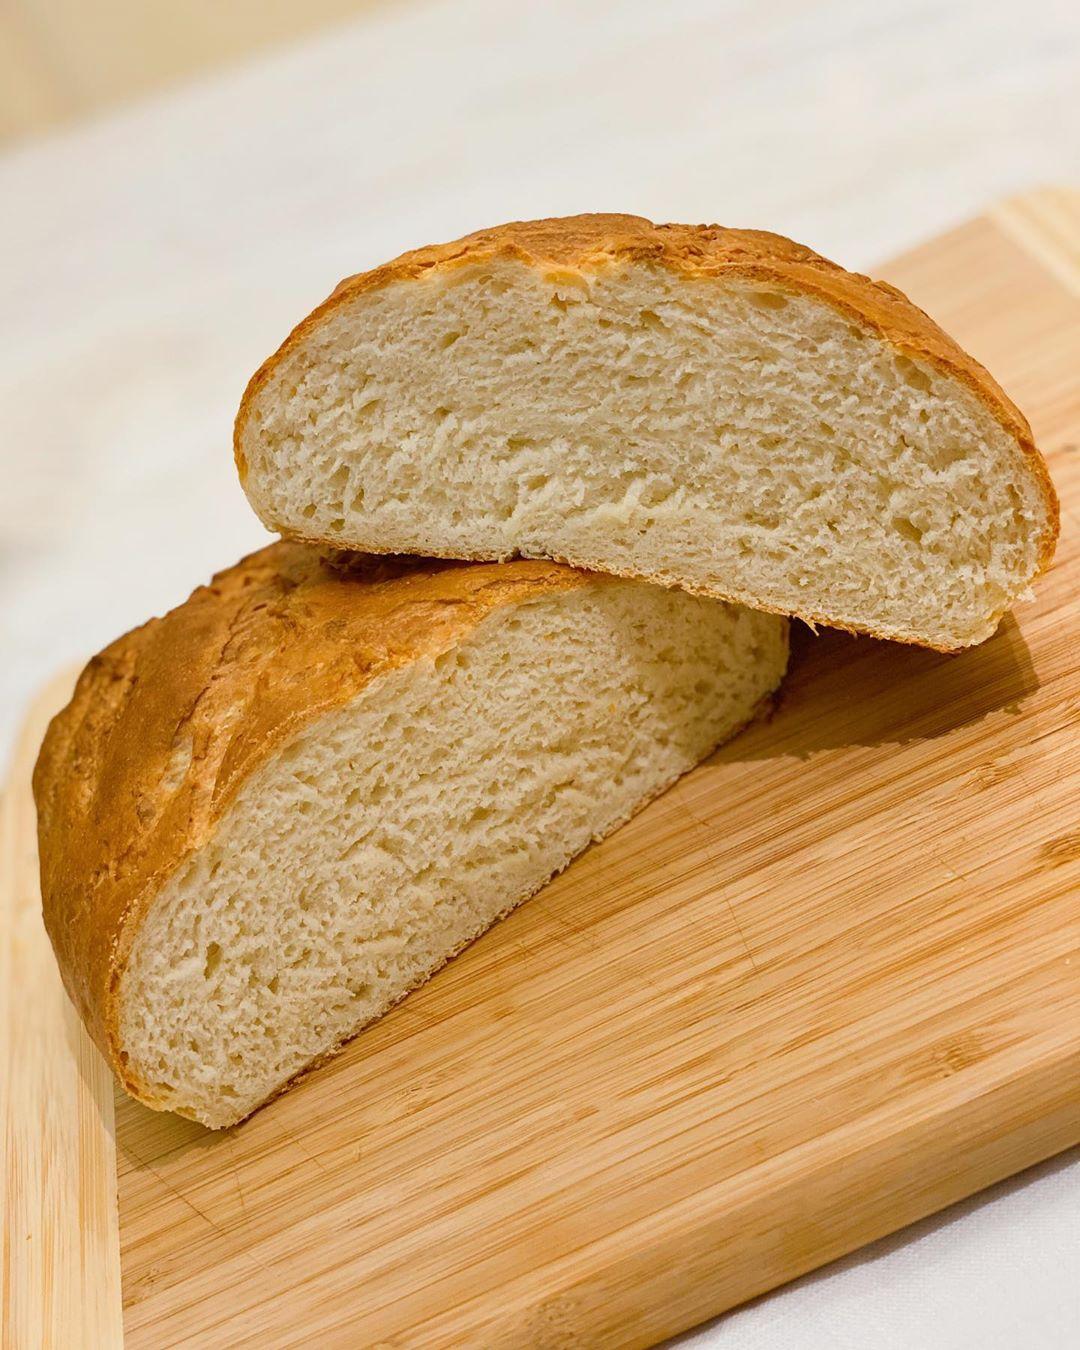 Дома закончился хлеб! Но это не беда! Испечем сами!